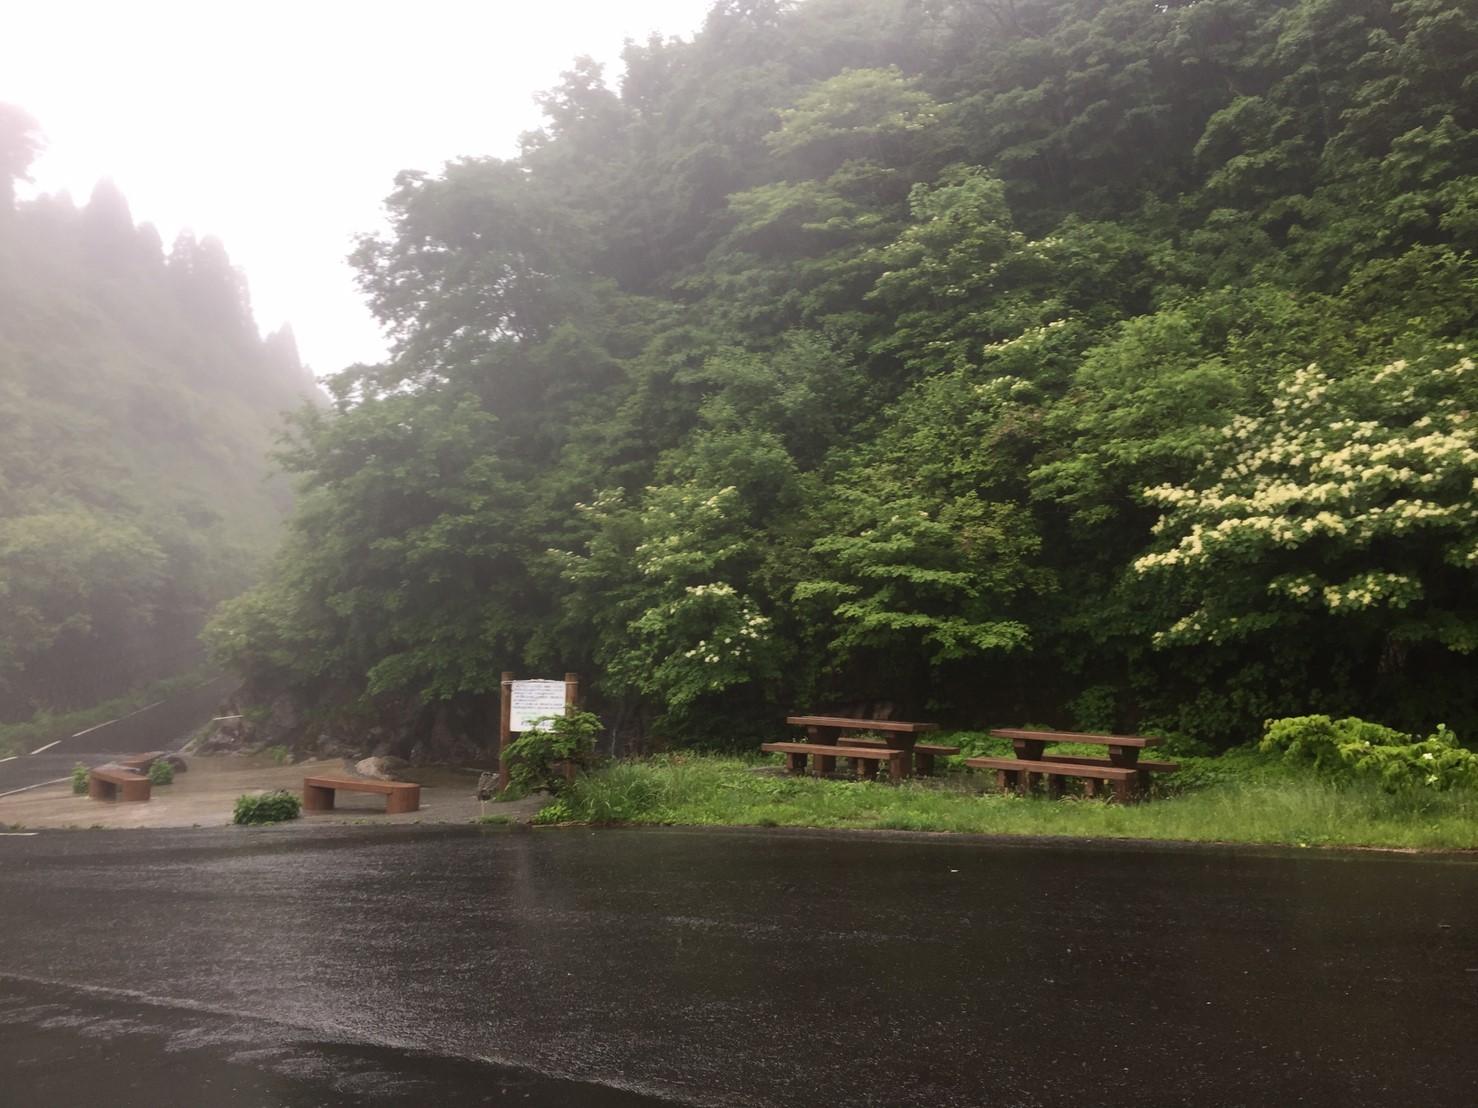 河合谷高原・水とのふれあい広場の水 ・田村牧場_e0115904_13164851.jpg